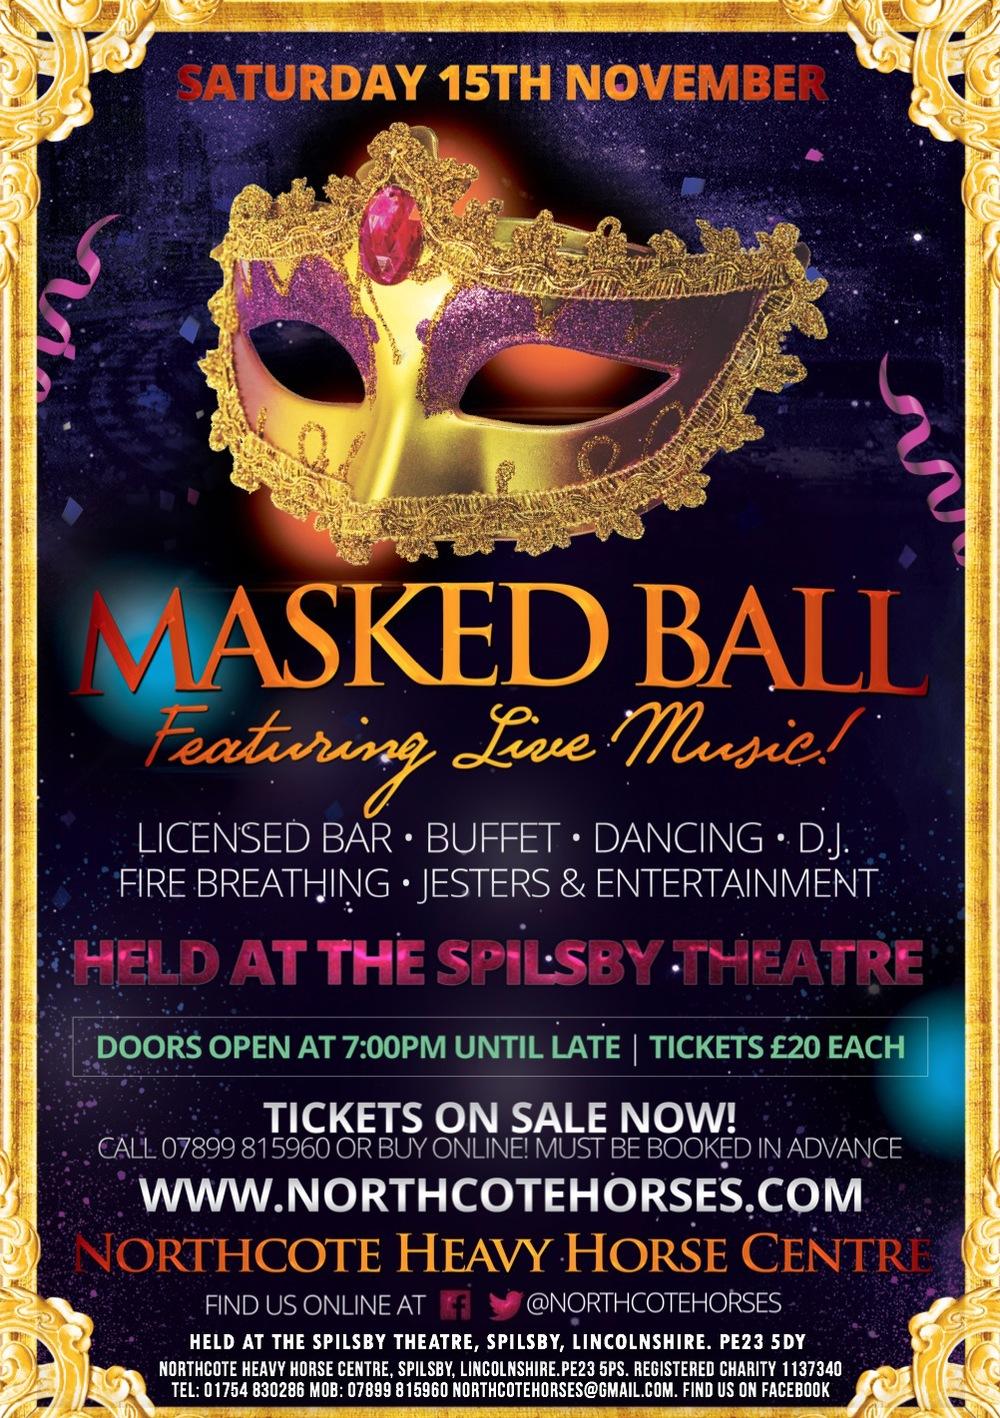 Masked Ball Poster JPG.jpg